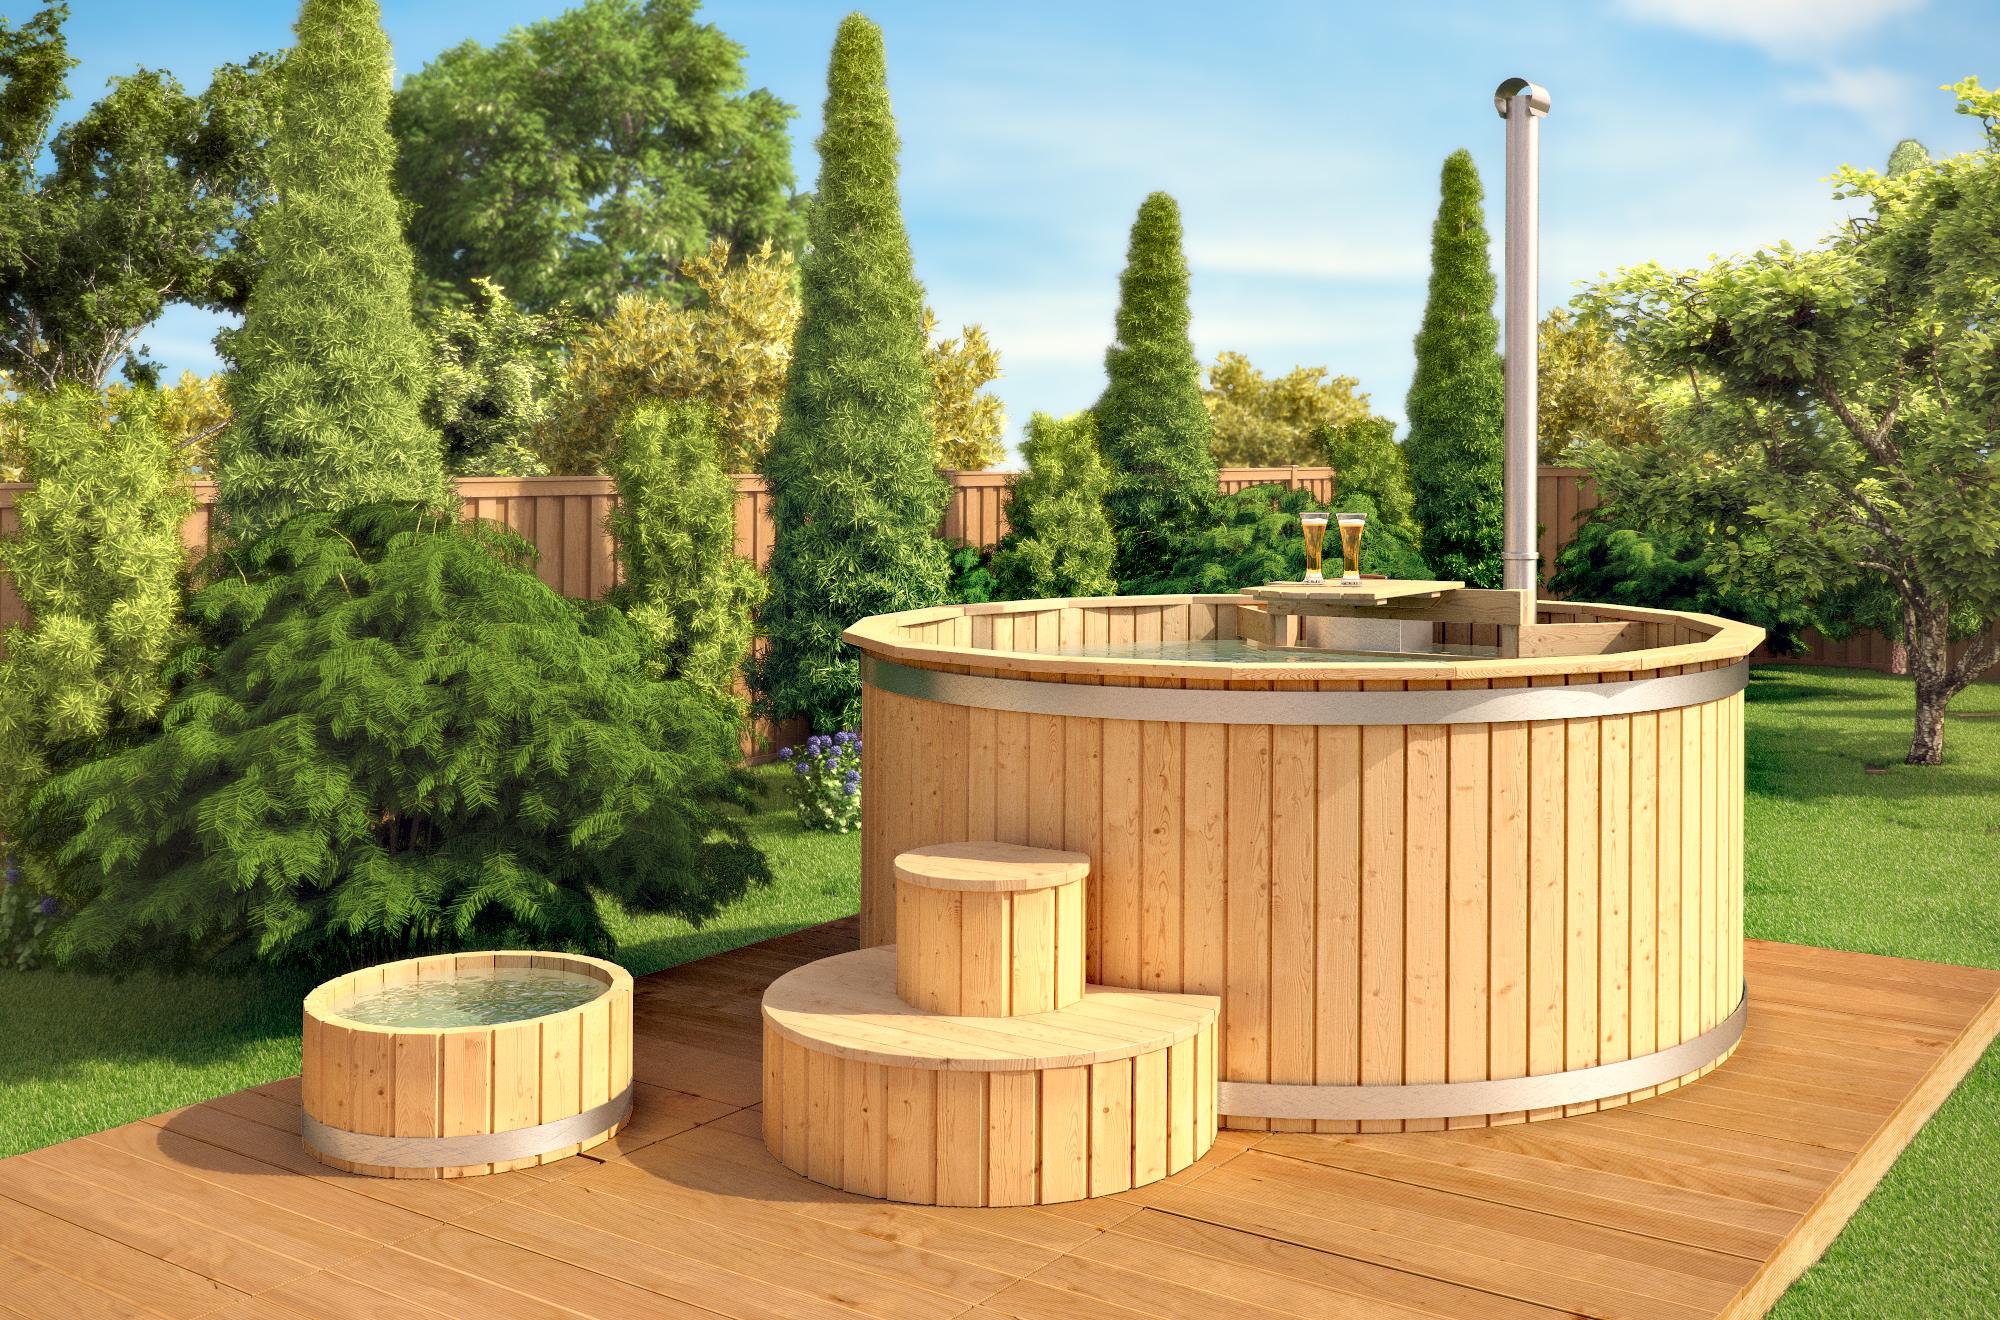 de madera barril bao piscina al aire libre hidromasaje jacuzzi